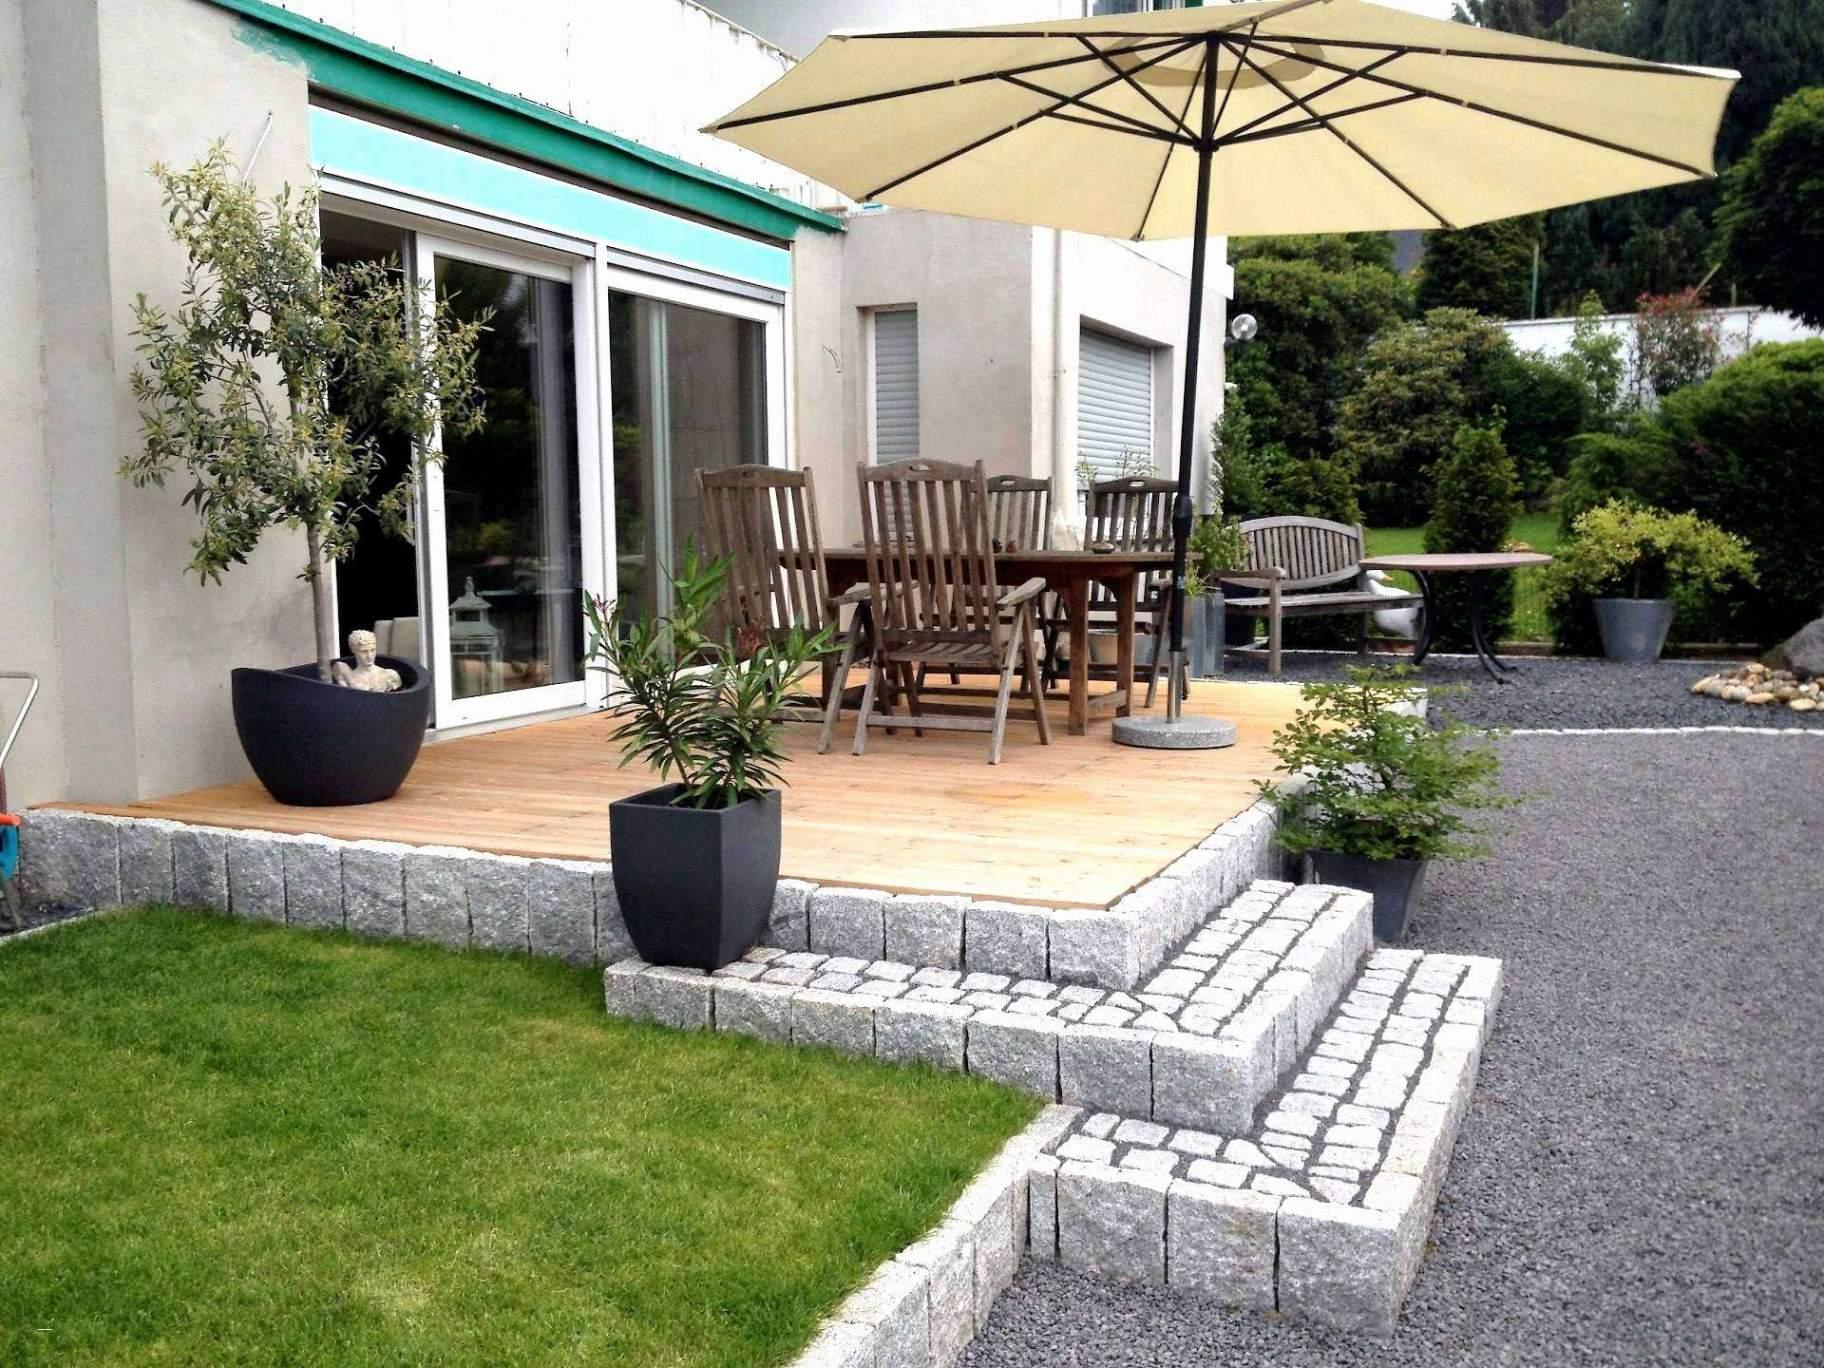 Grillplatz Garten Einzigartig Grillplatz Im Garten — Temobardz Home Blog